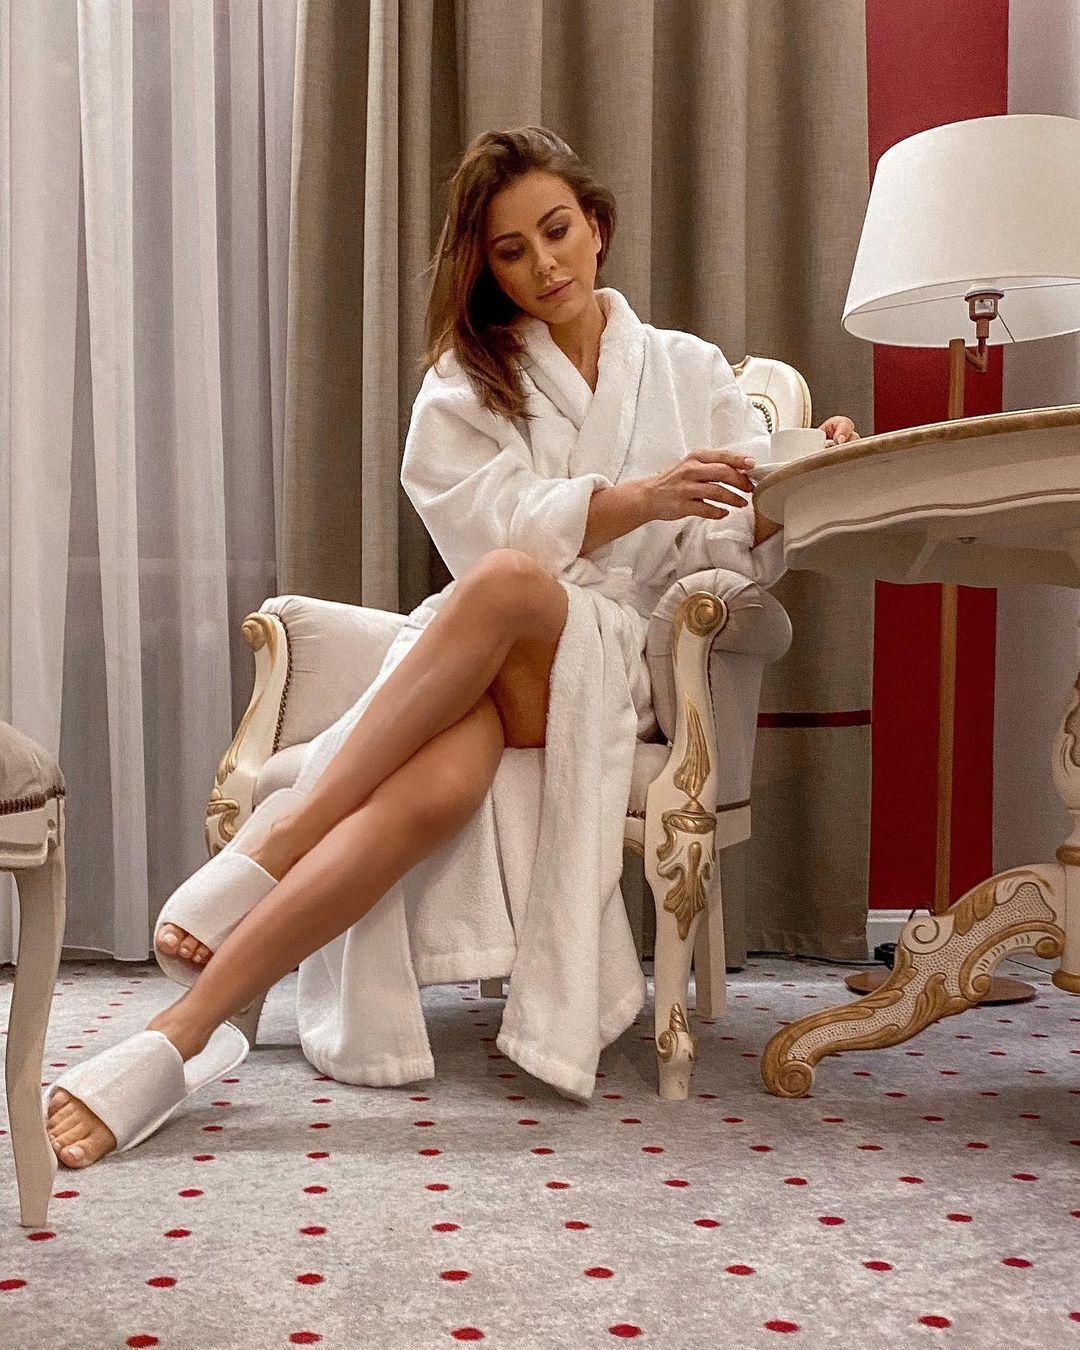 Ани Лорак позирует в халате